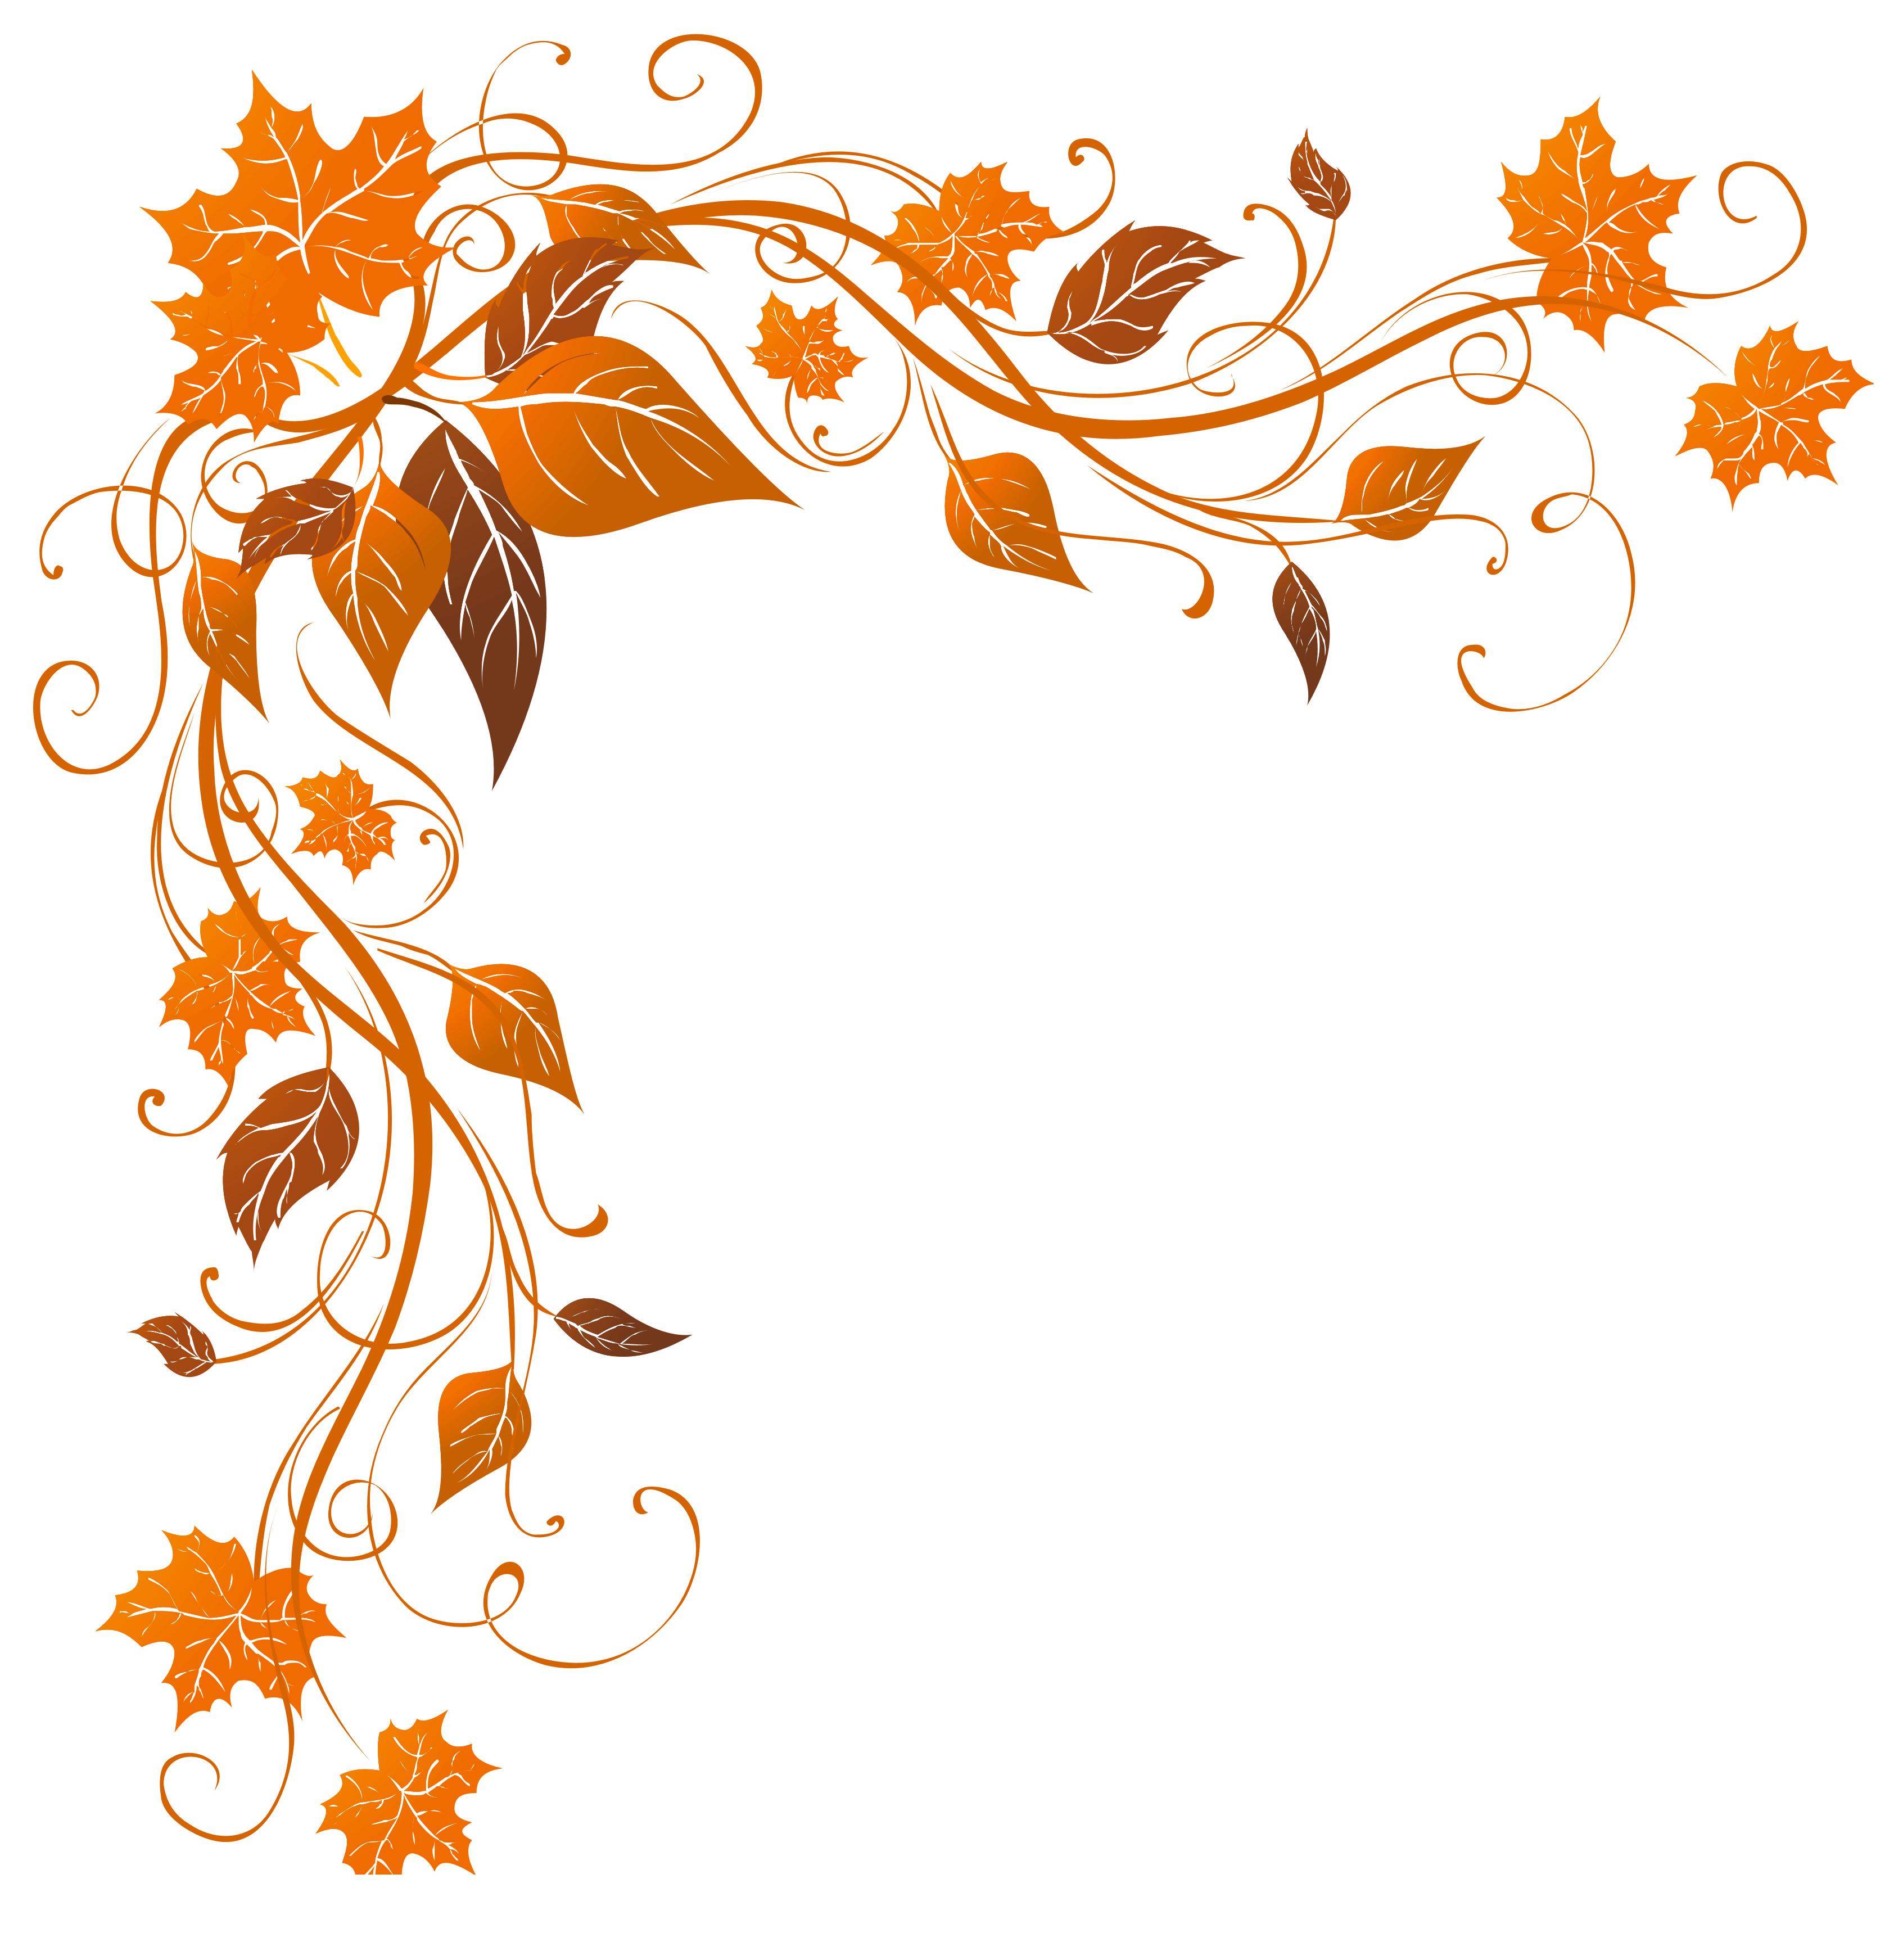 Decoration clipart cute. Transparent autumn png image